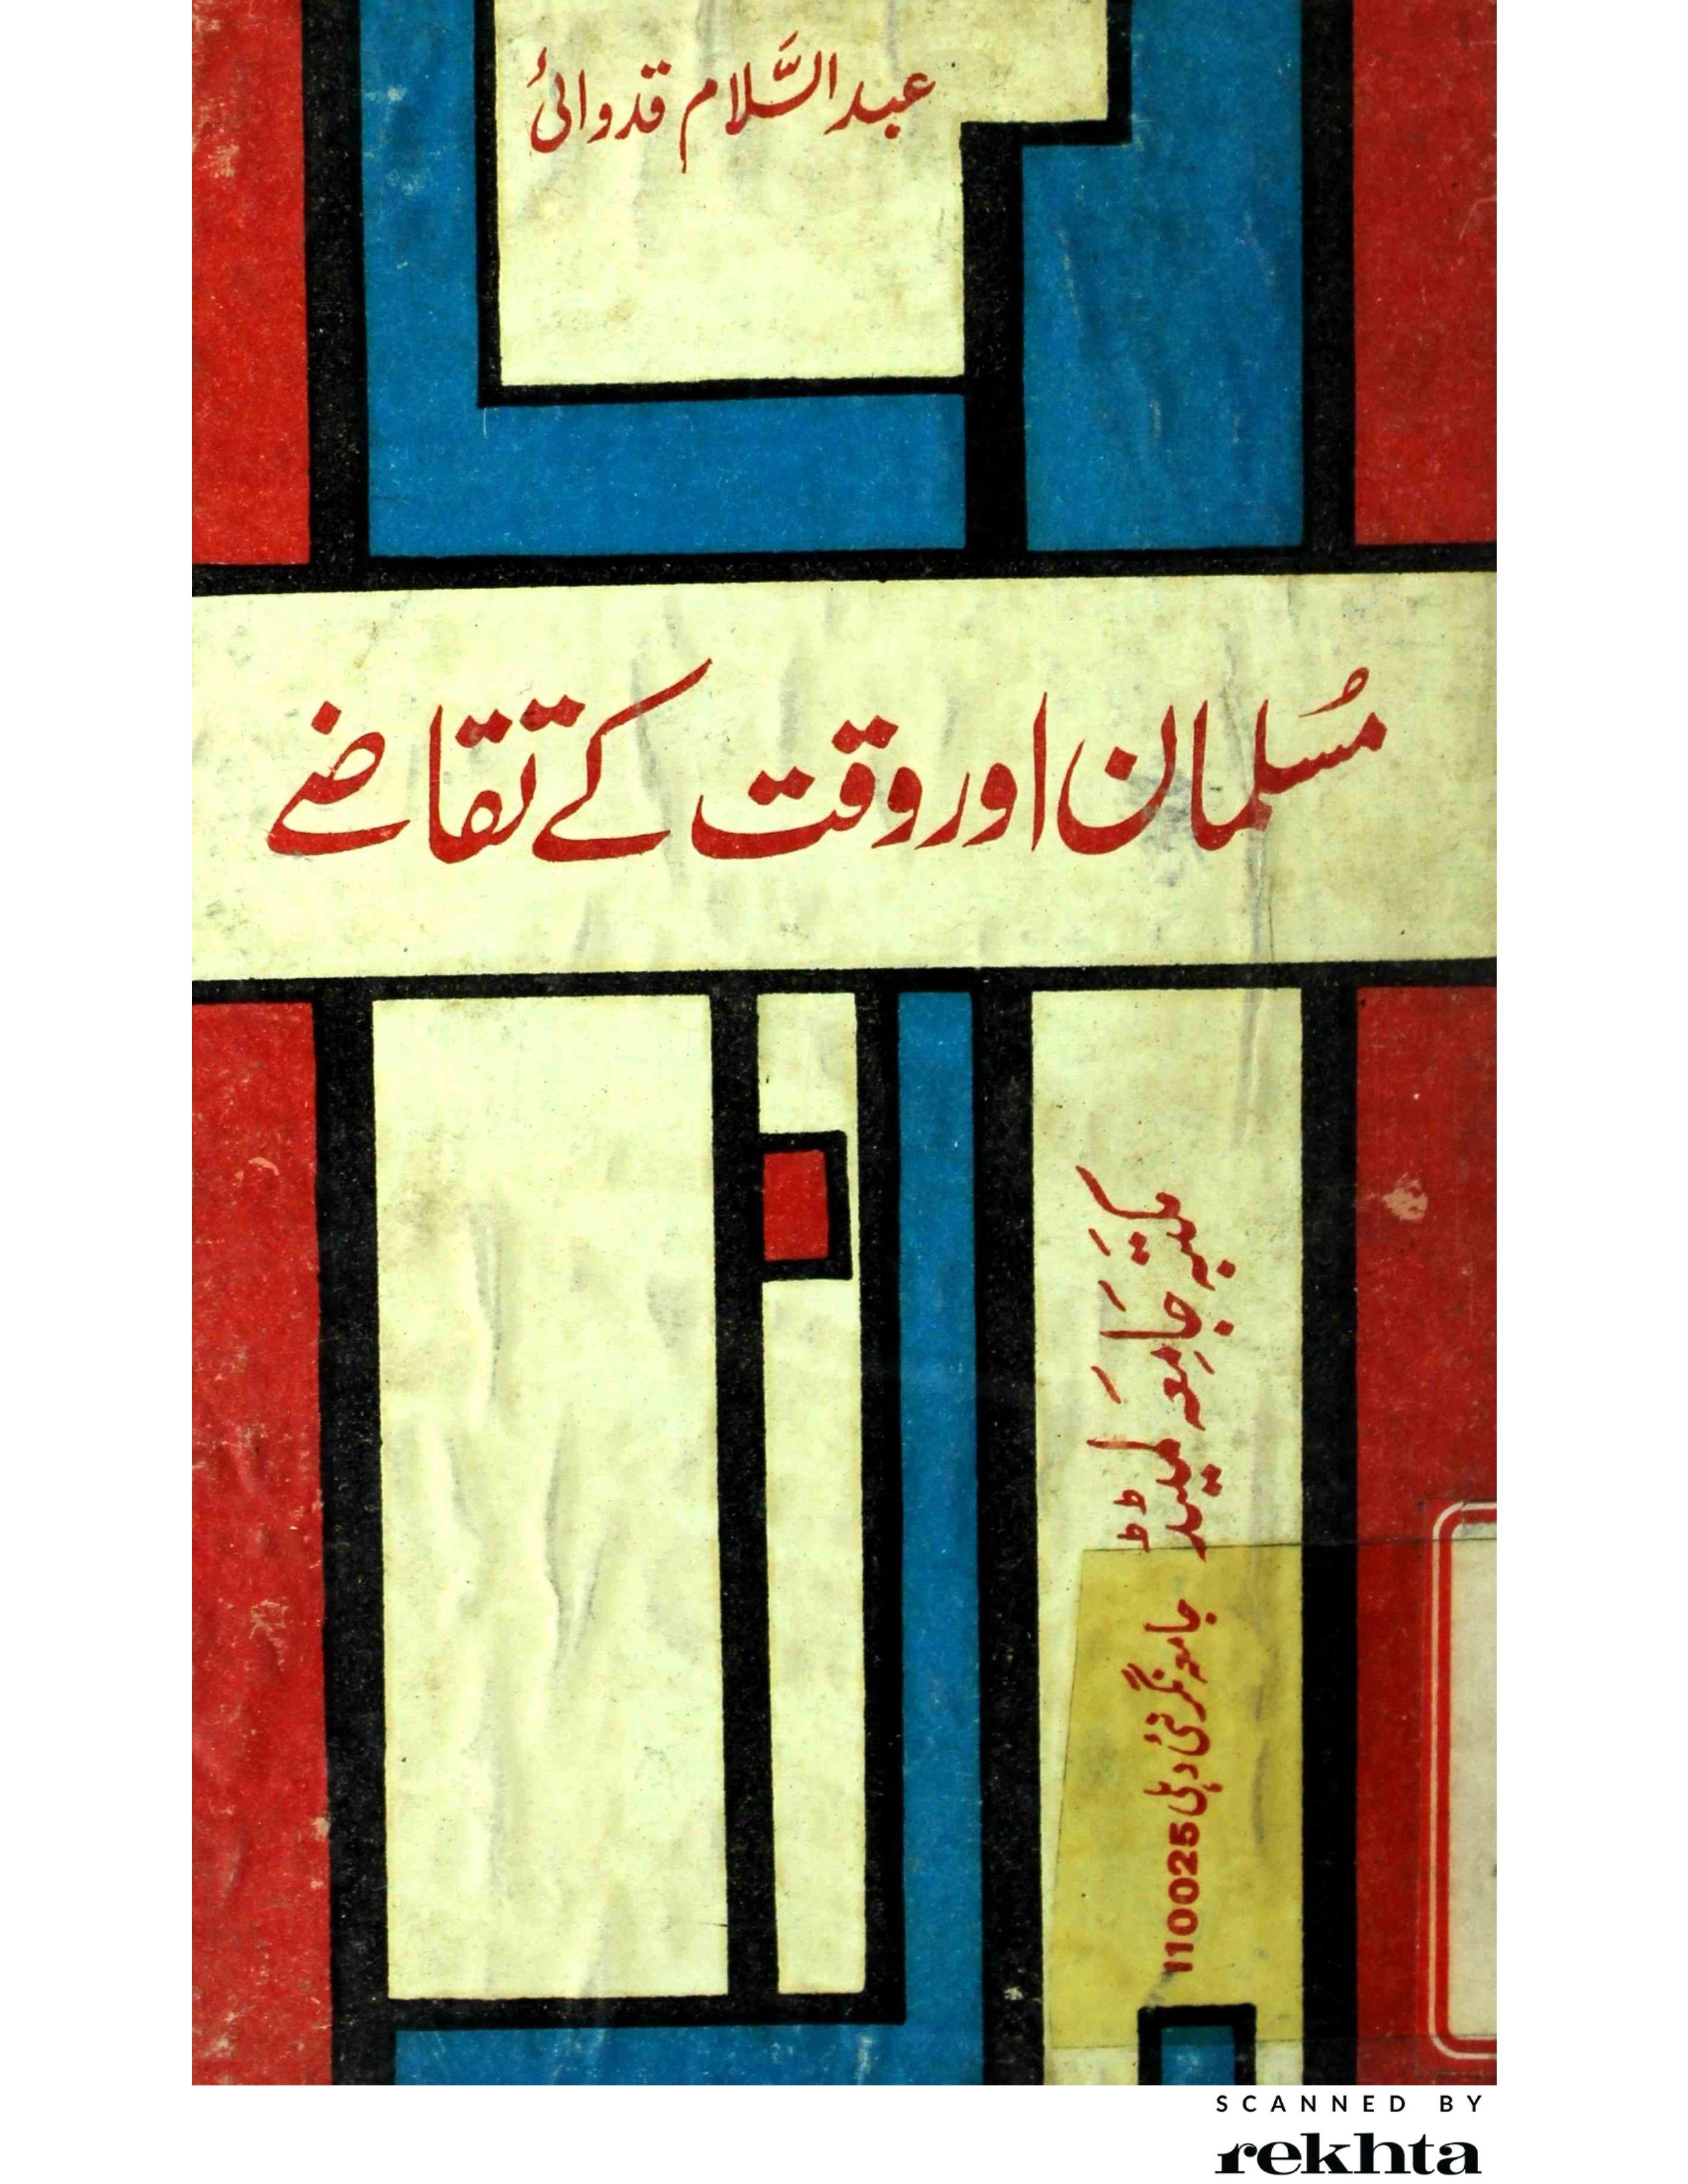 Musalman Aur Waqt Ke Taqaze